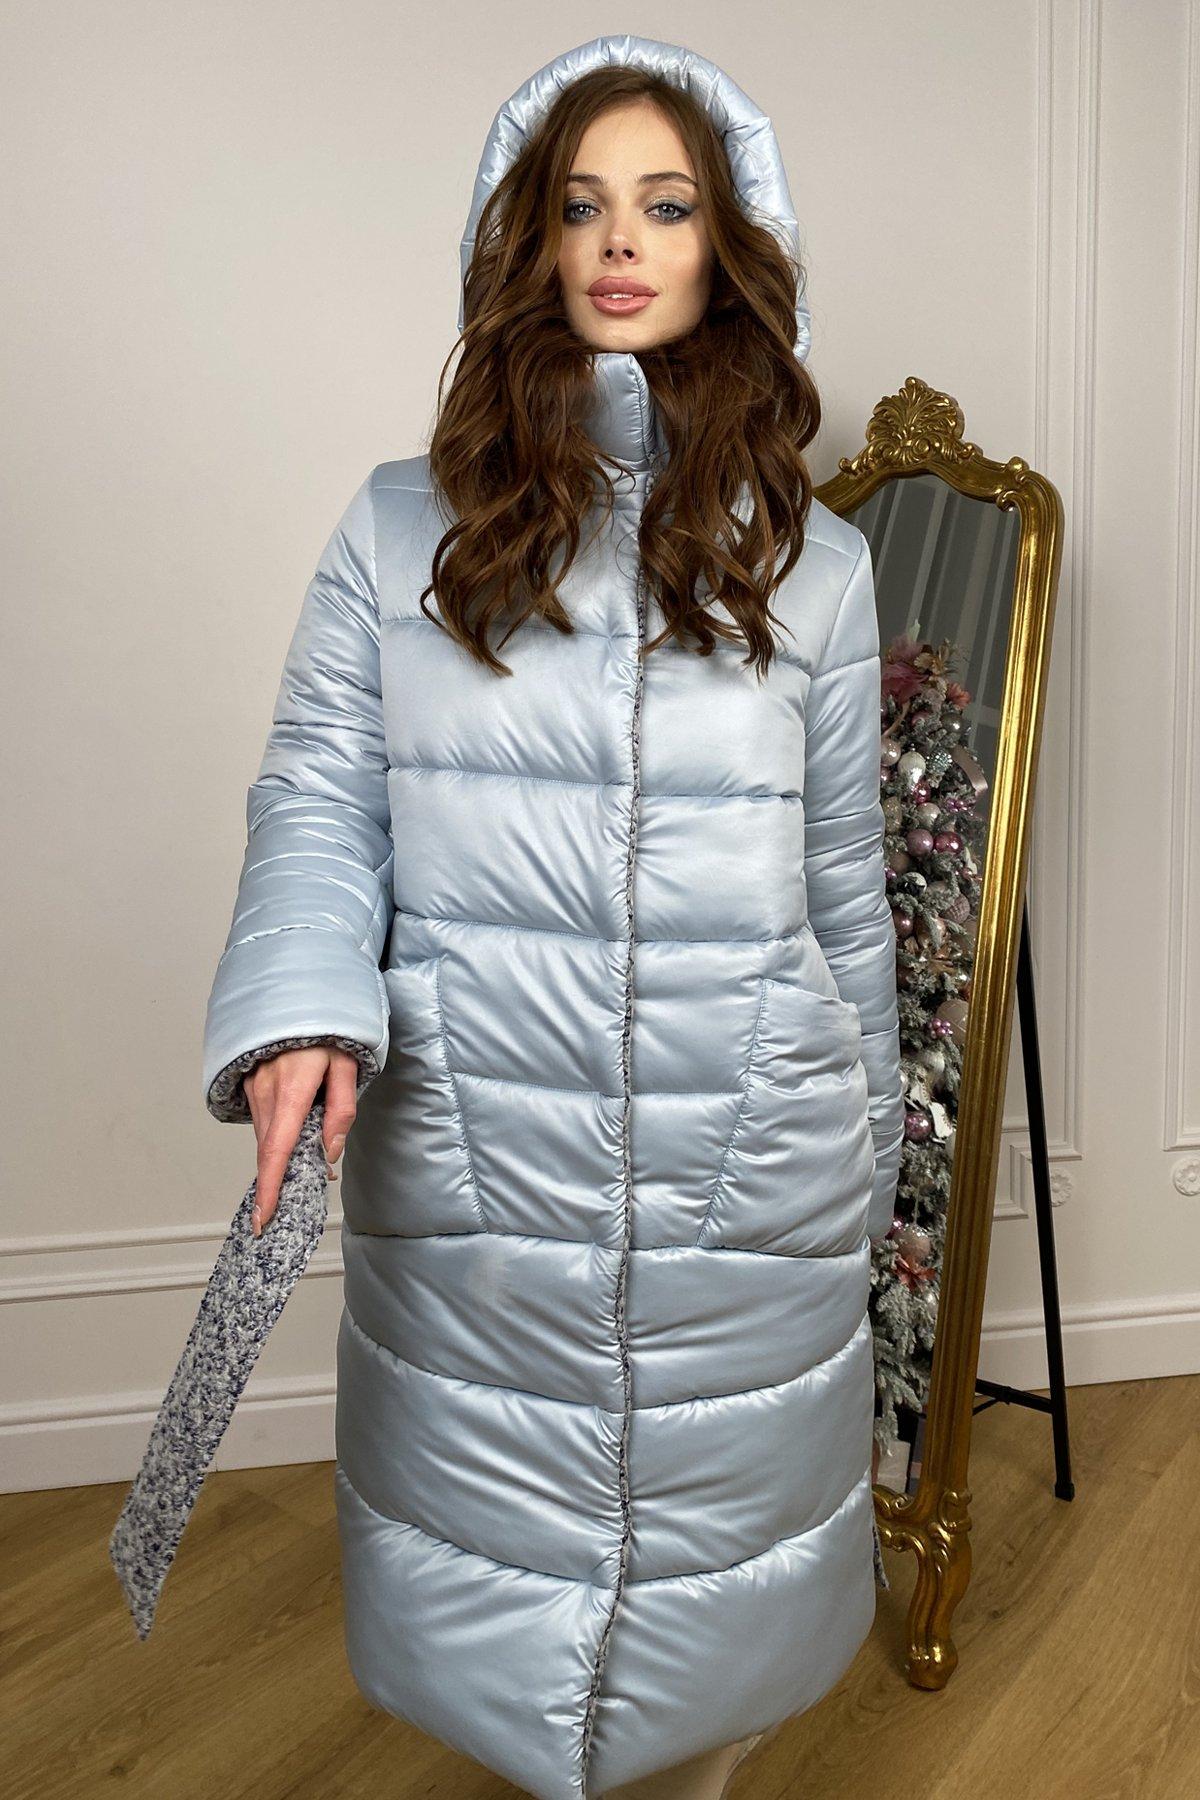 Бристоль плащевка стеганое пальто зима 10099 АРТ. 46407 Цвет: голубой/серый/голубой - фото 6, интернет магазин tm-modus.ru